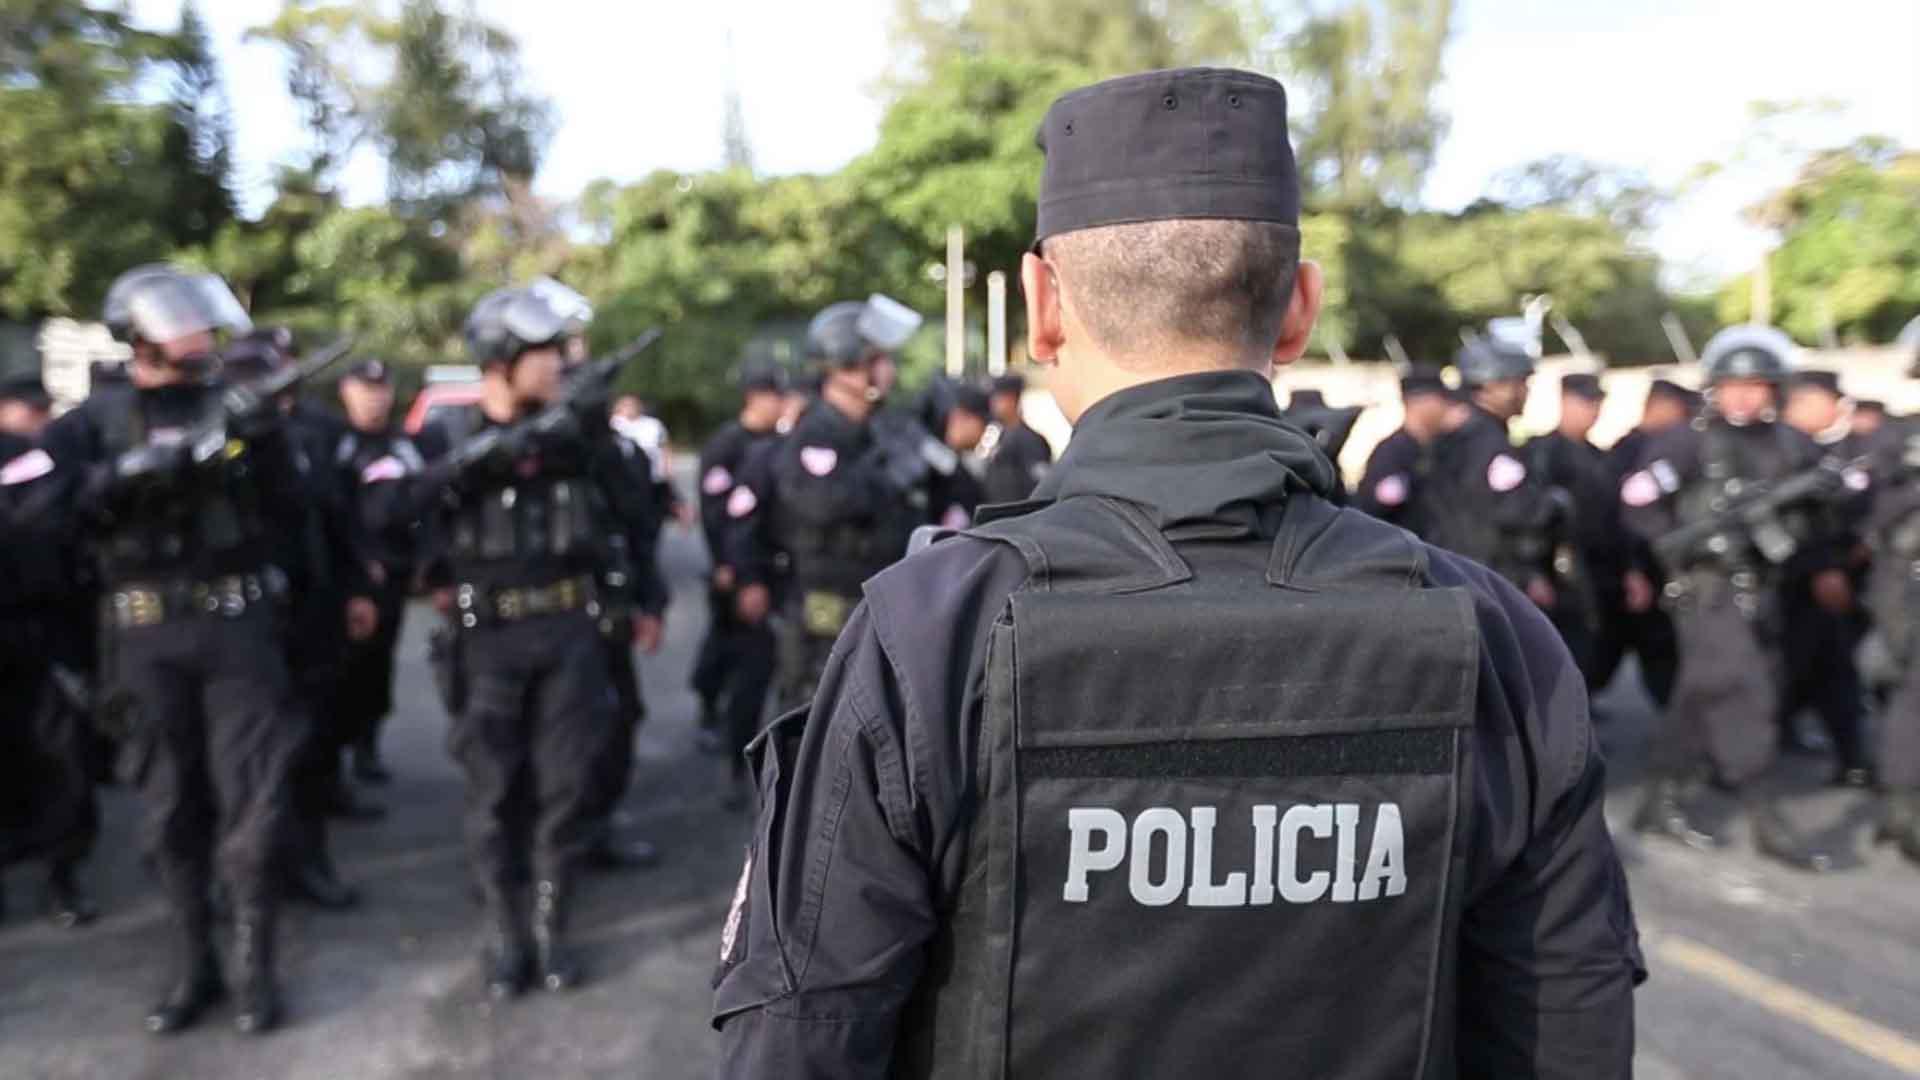 La violencia se ha acrecentado y prevén cerrar el año con 2.000 homicidios más que en 2014